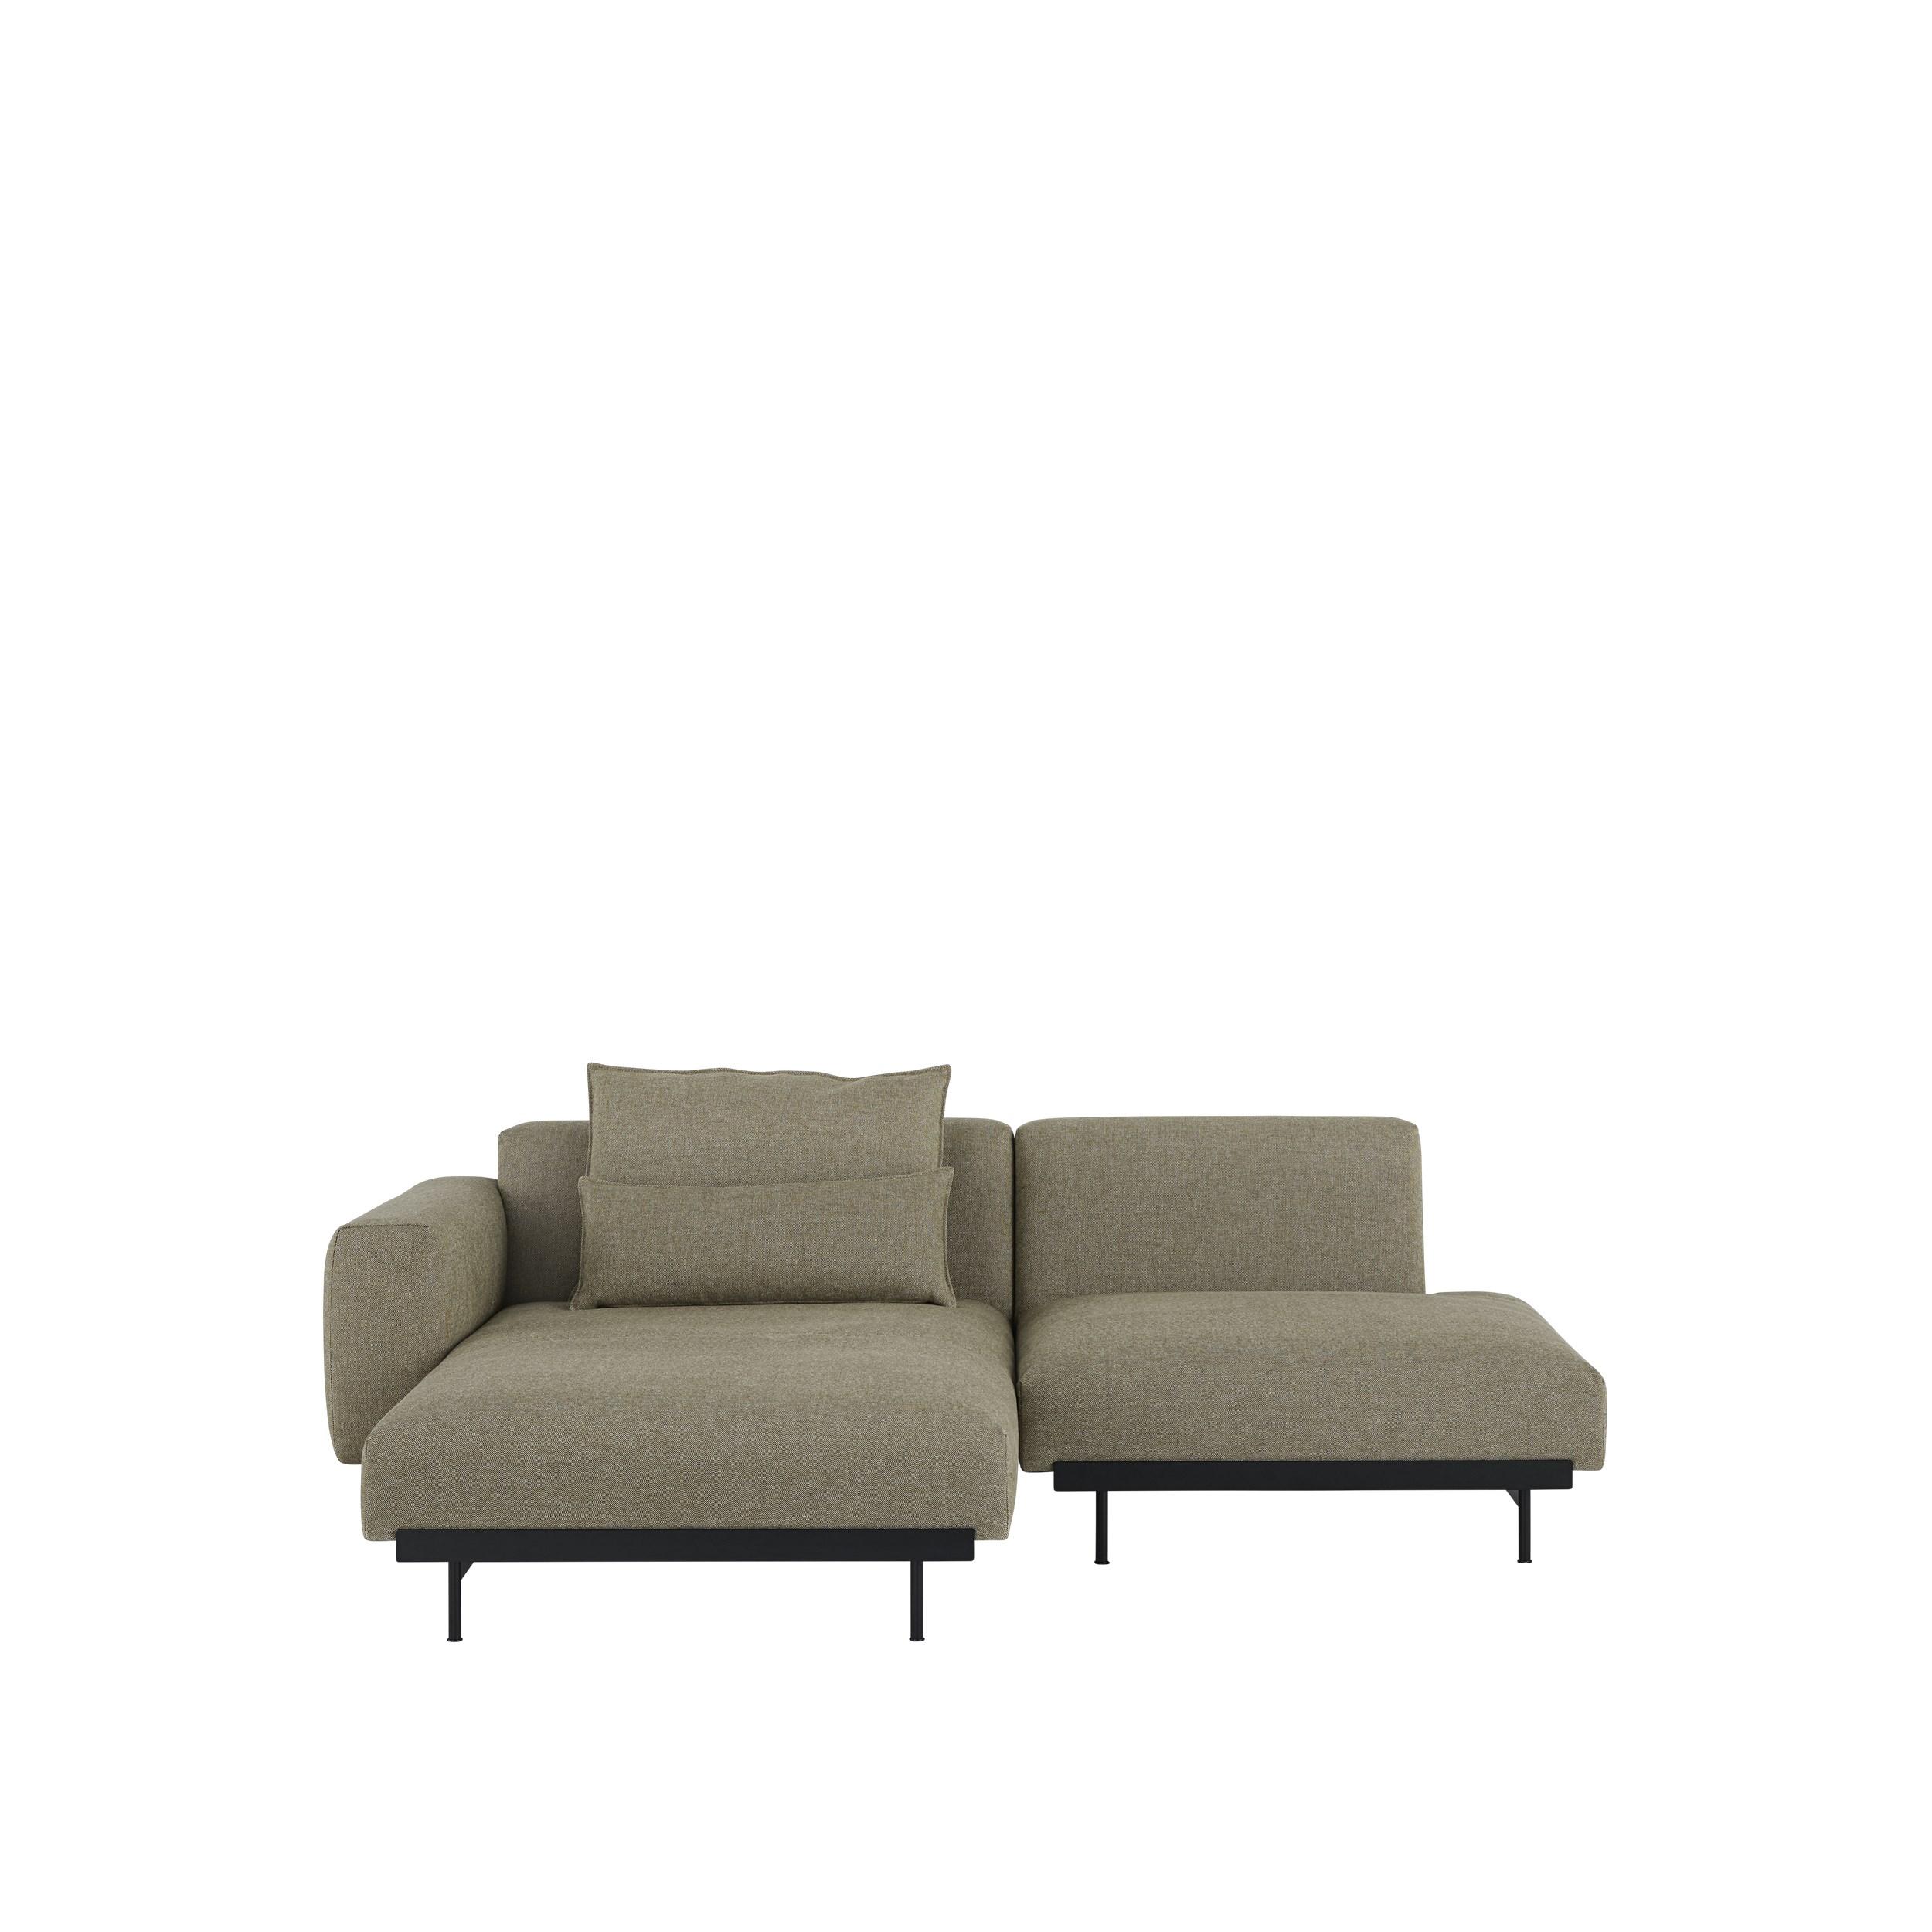 IN SitU Modular Sofa 2 seater no 6